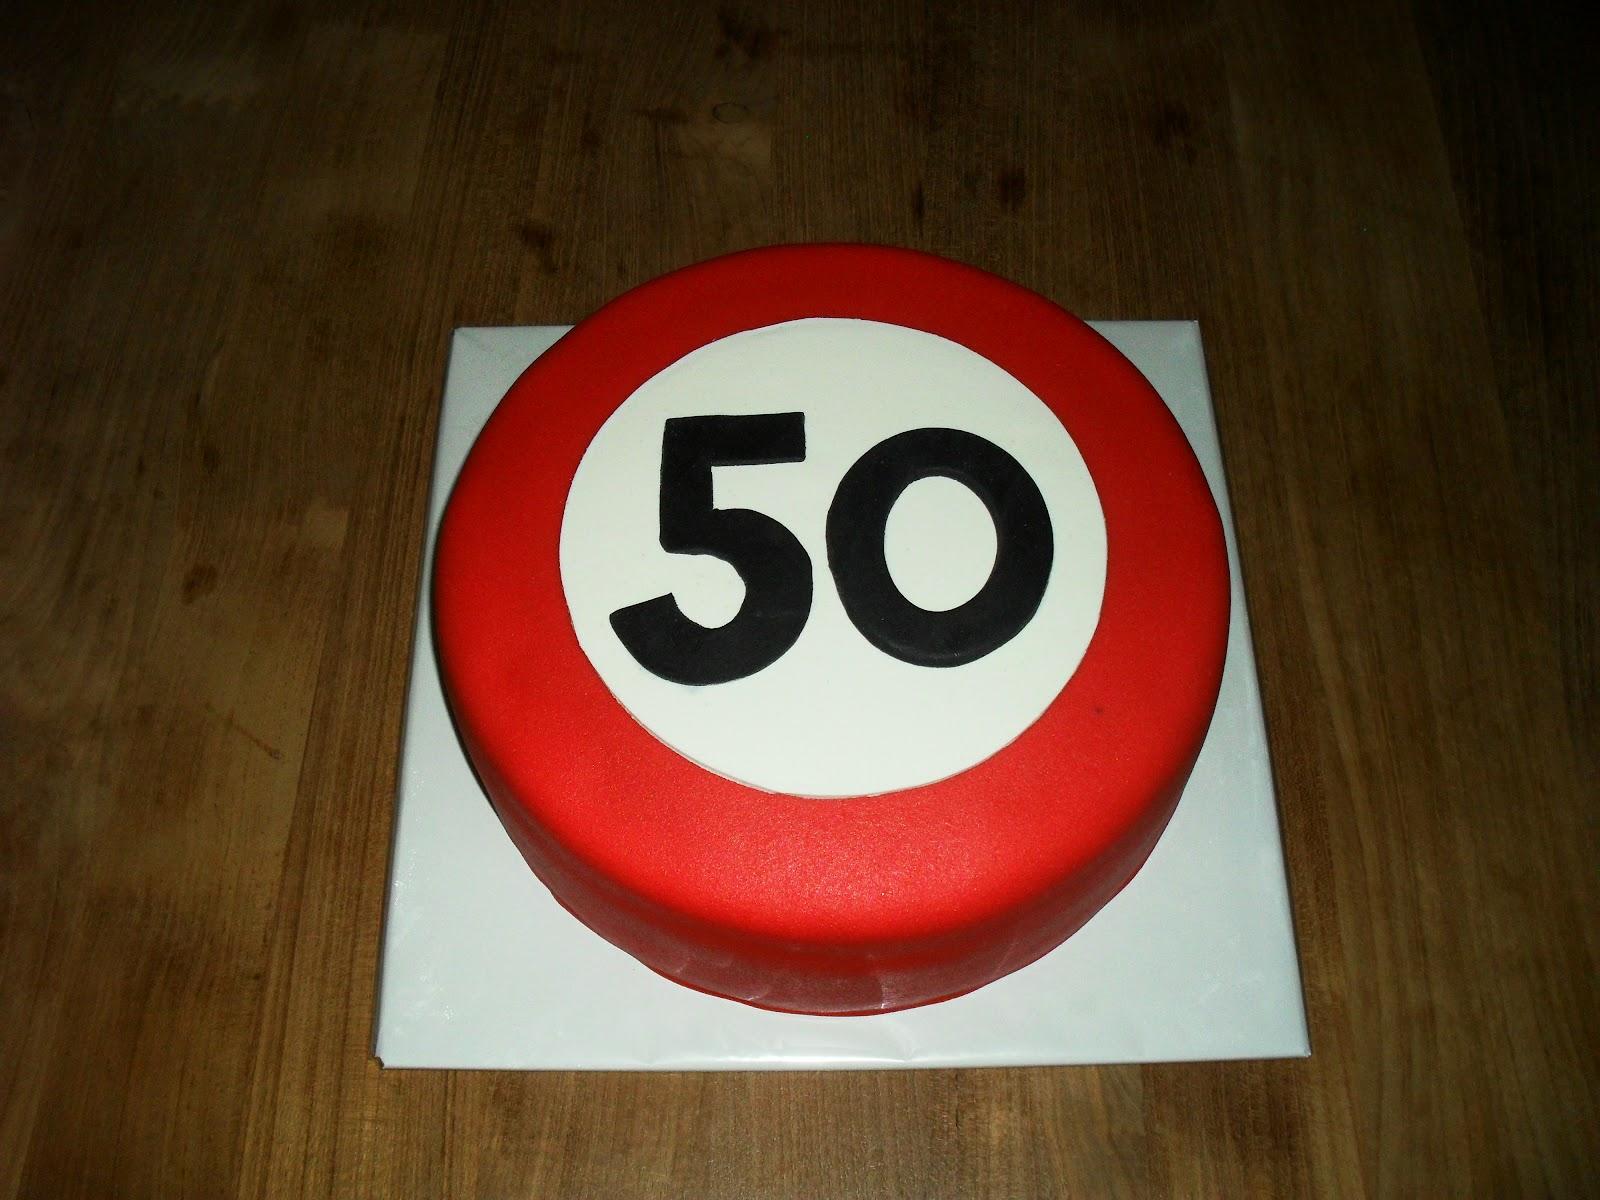 50 jaar taart bestellen Afbeelding Taart 50 Jaar   ARCHIDEV 50 jaar taart bestellen